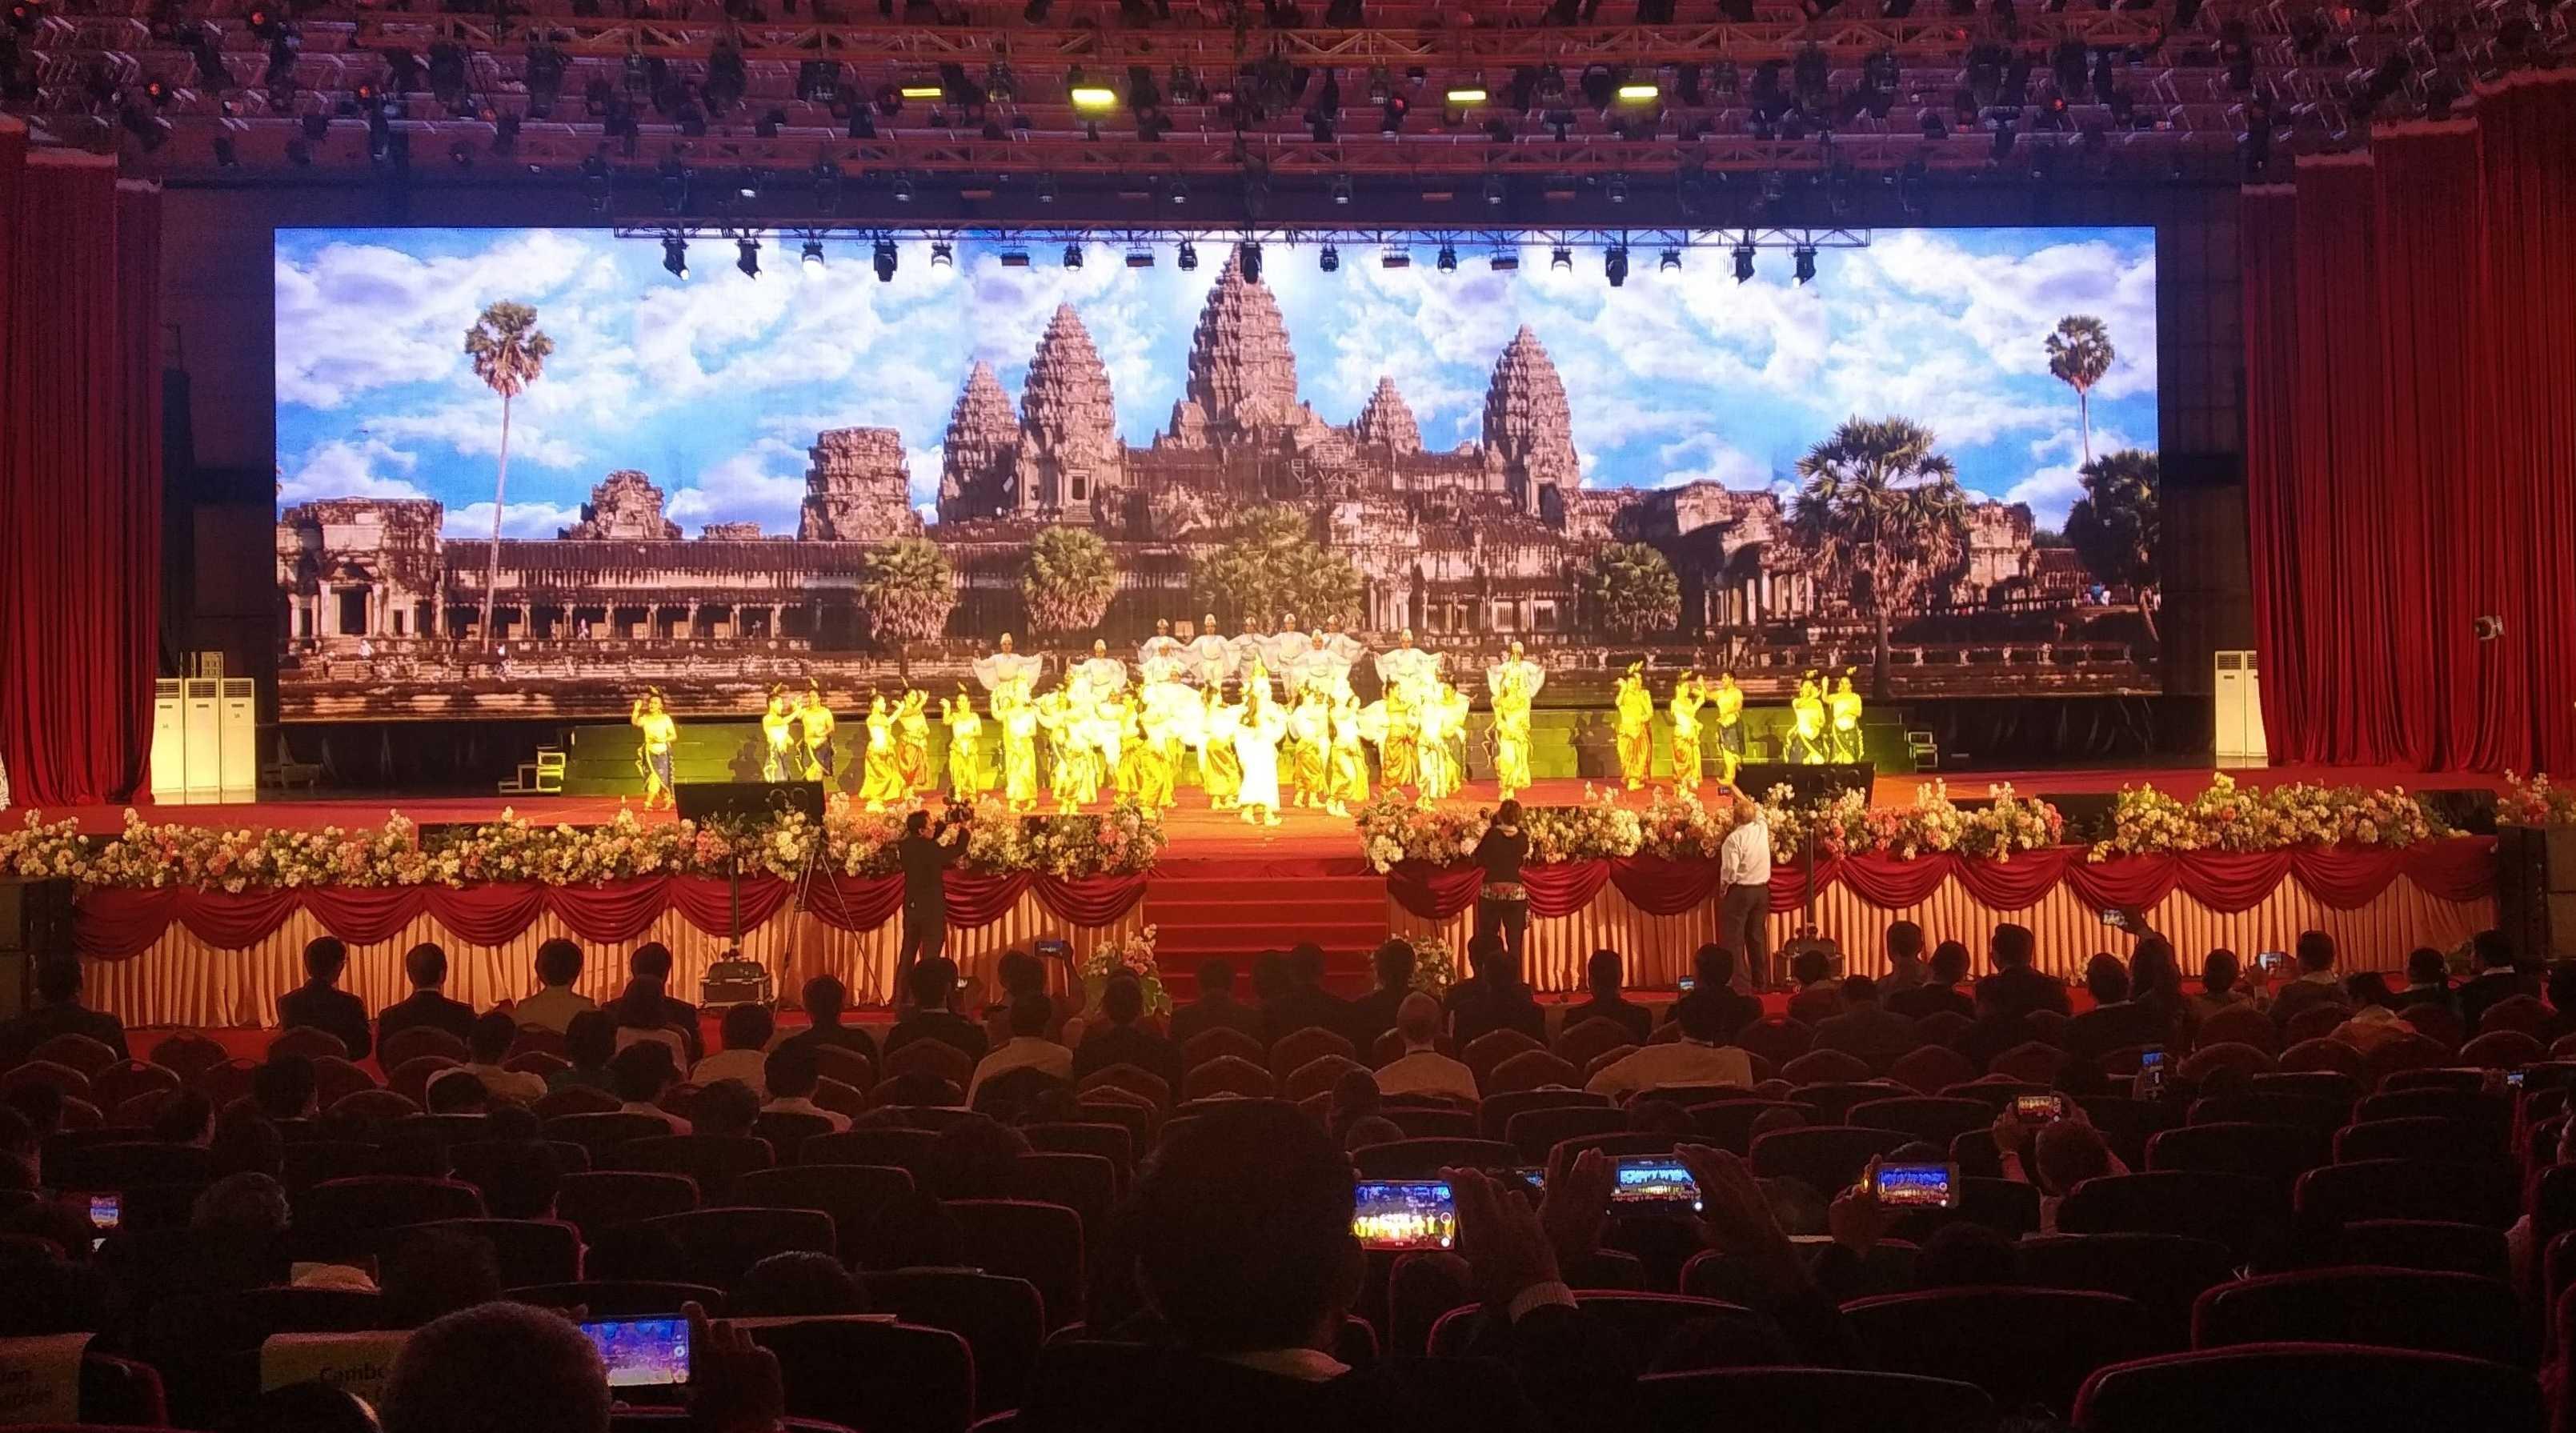 Яркое выступление кхмерской группы артистов на фоне знаменитого храмового комплекса Ангкор-Ват, жемчужины Камбоджи, включенной в список Всемирного наследия ЮНЕСКО.